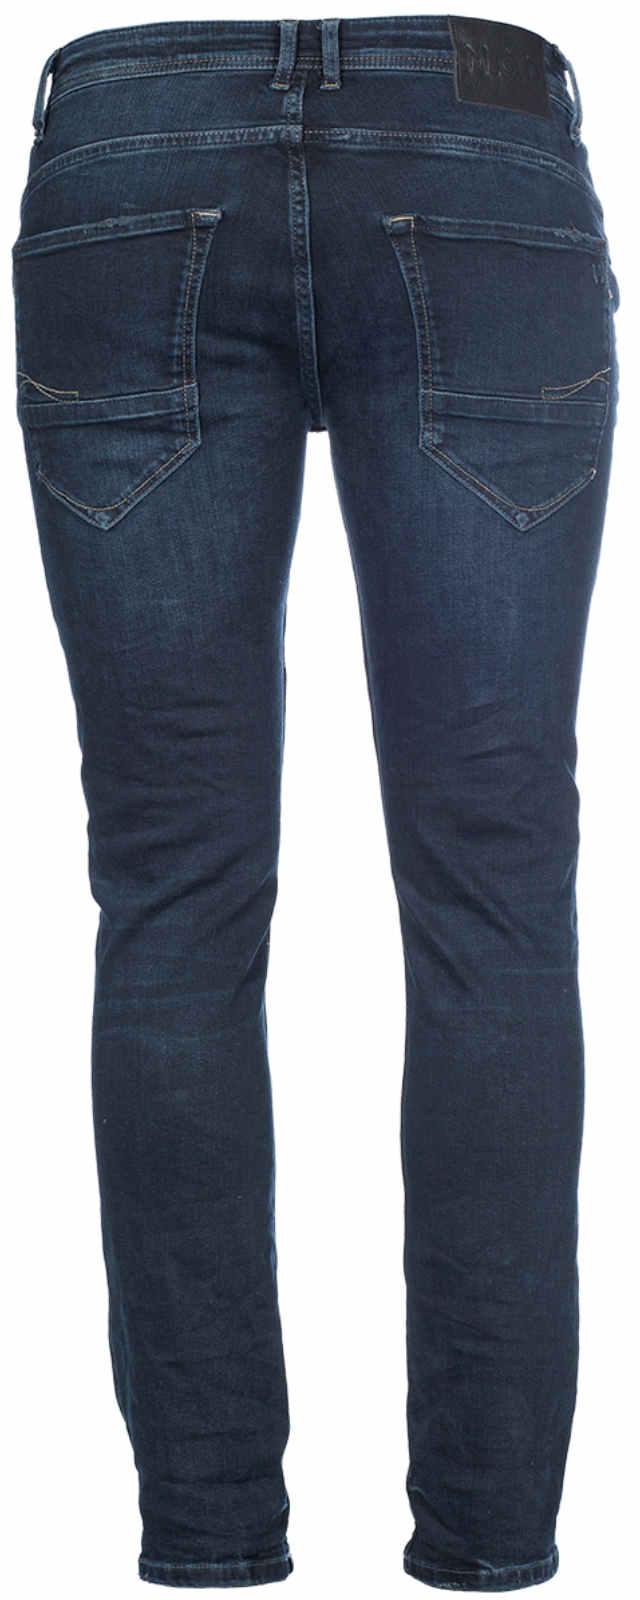 M-O-D-Herren-Jeans-Ricardo-Slim-NOS-1002-Hose-NEU-Stretch-Slim-Fit-Leg-Denim-MOD Indexbild 3